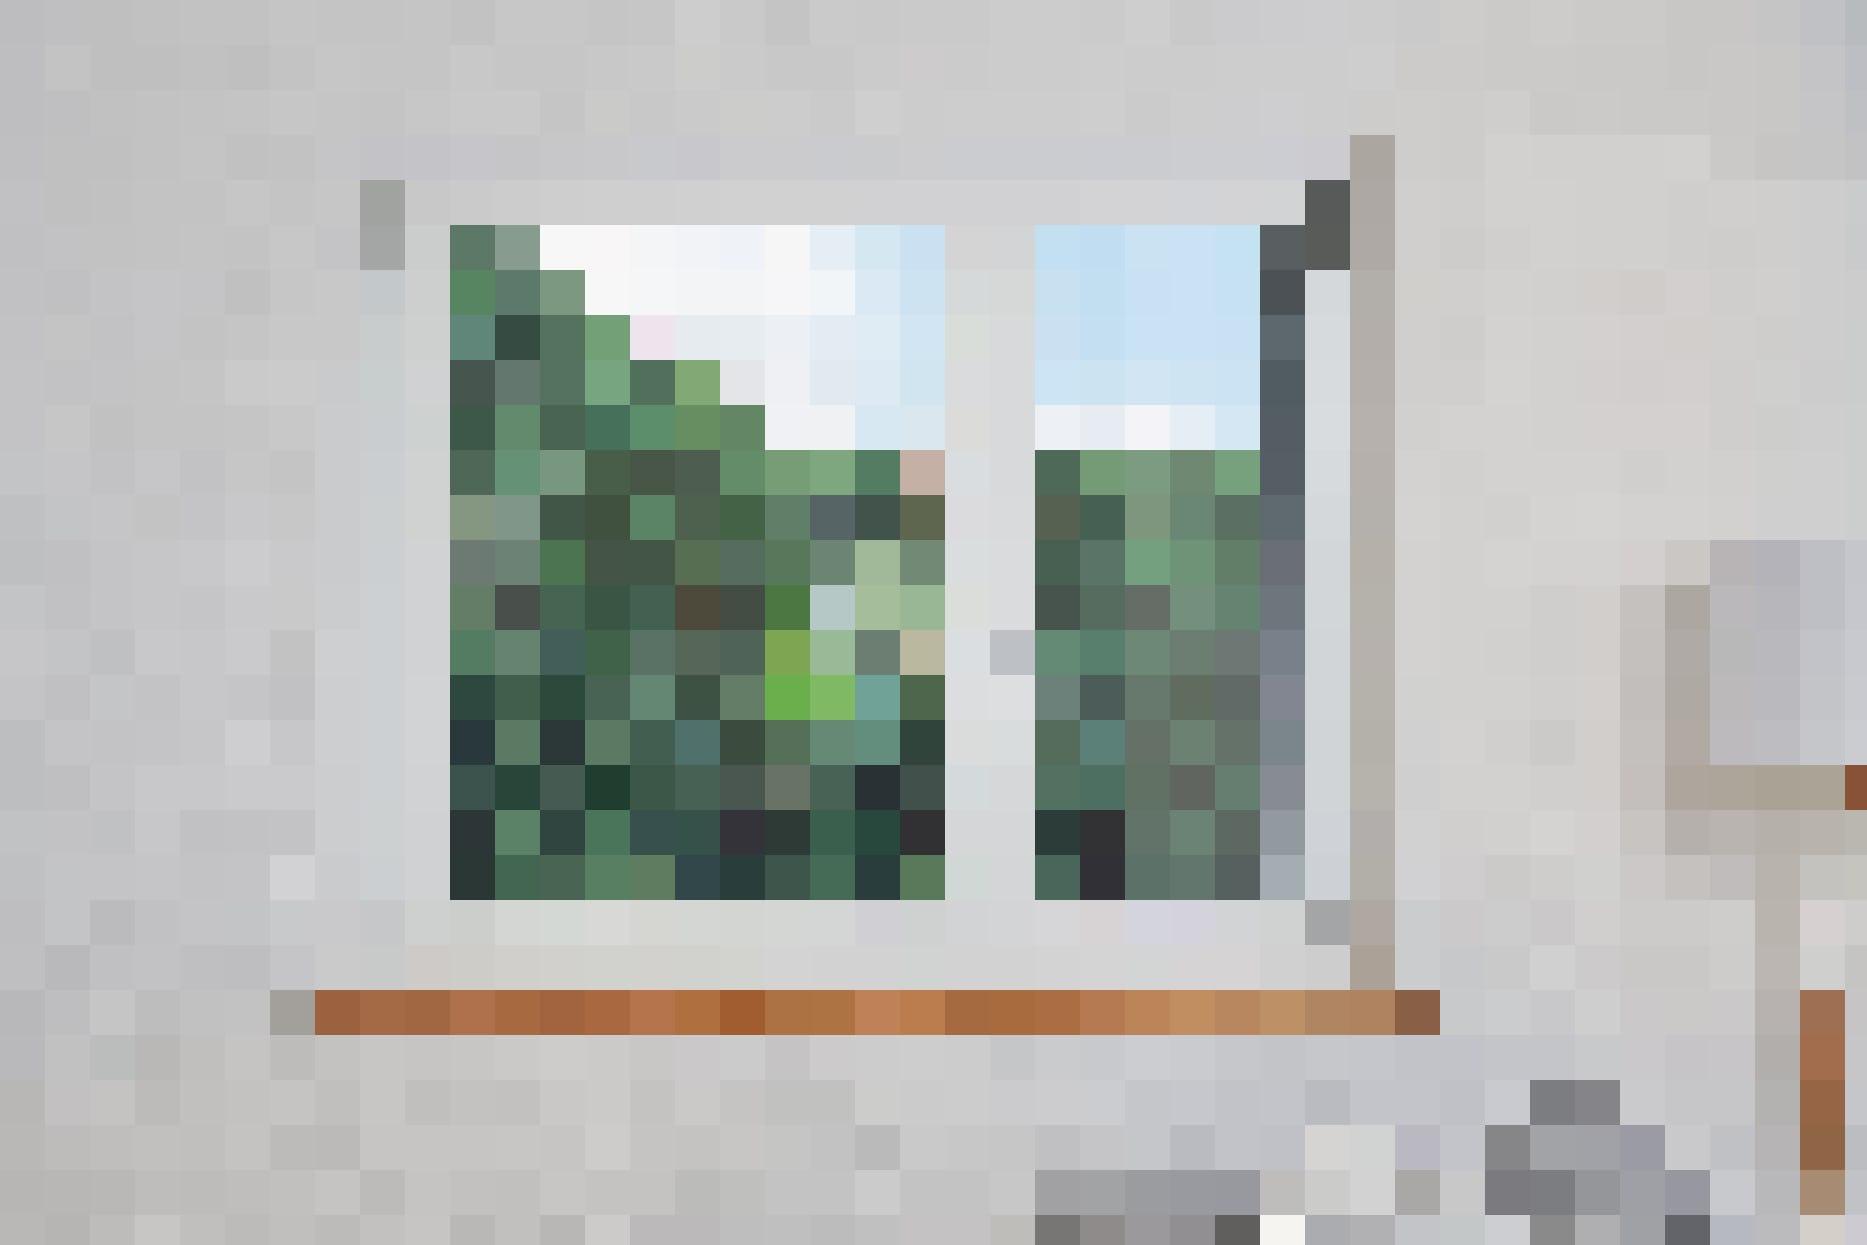 La fenêtre RF1 est la plus prisée de Suisse pour les projets de rénovation.